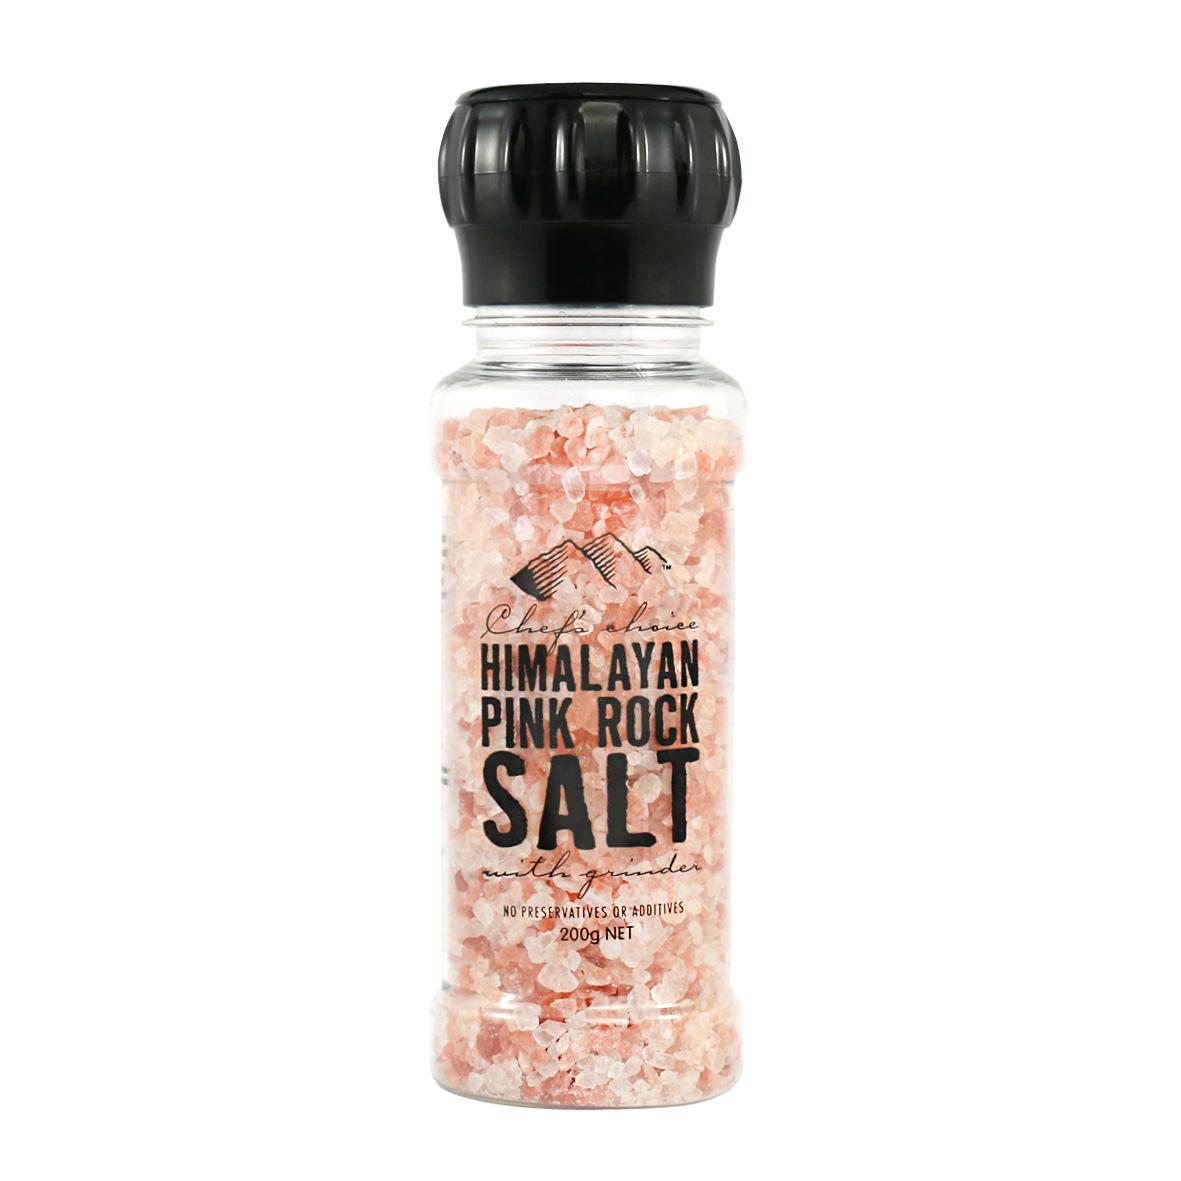 HIMALAYAN 喜馬拉雅 粉鹽(帶研磨器) 200G 天然有機礦物鹽